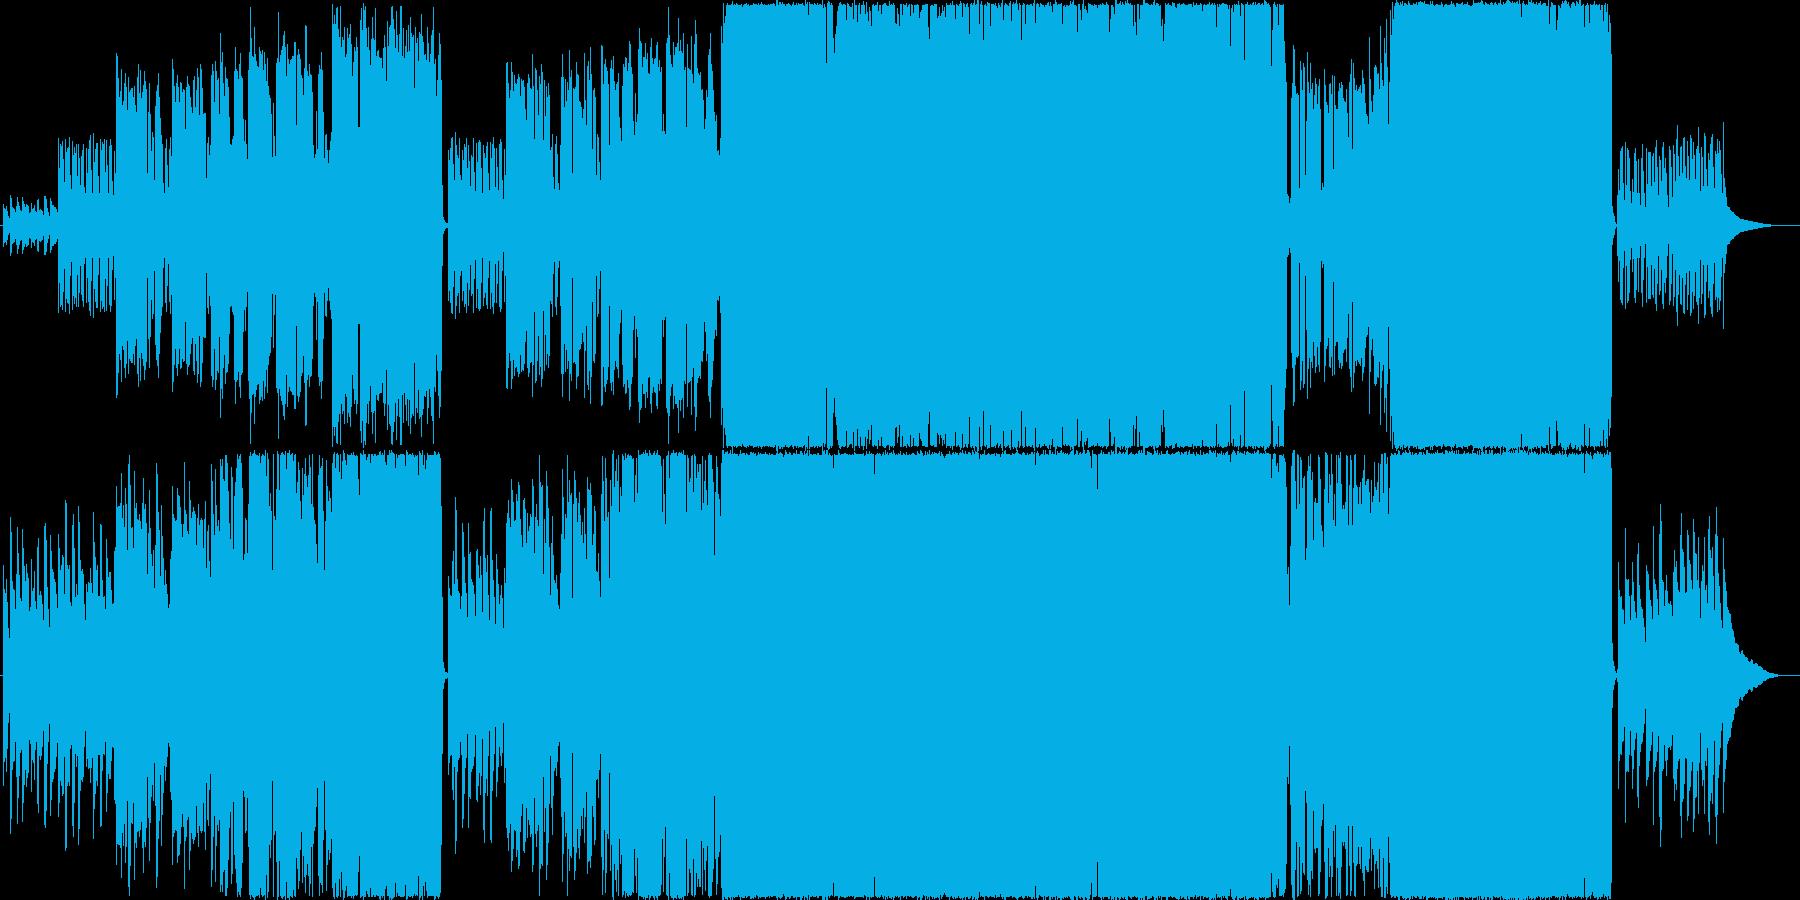 生演奏。後半からバンドインする切なポップの再生済みの波形